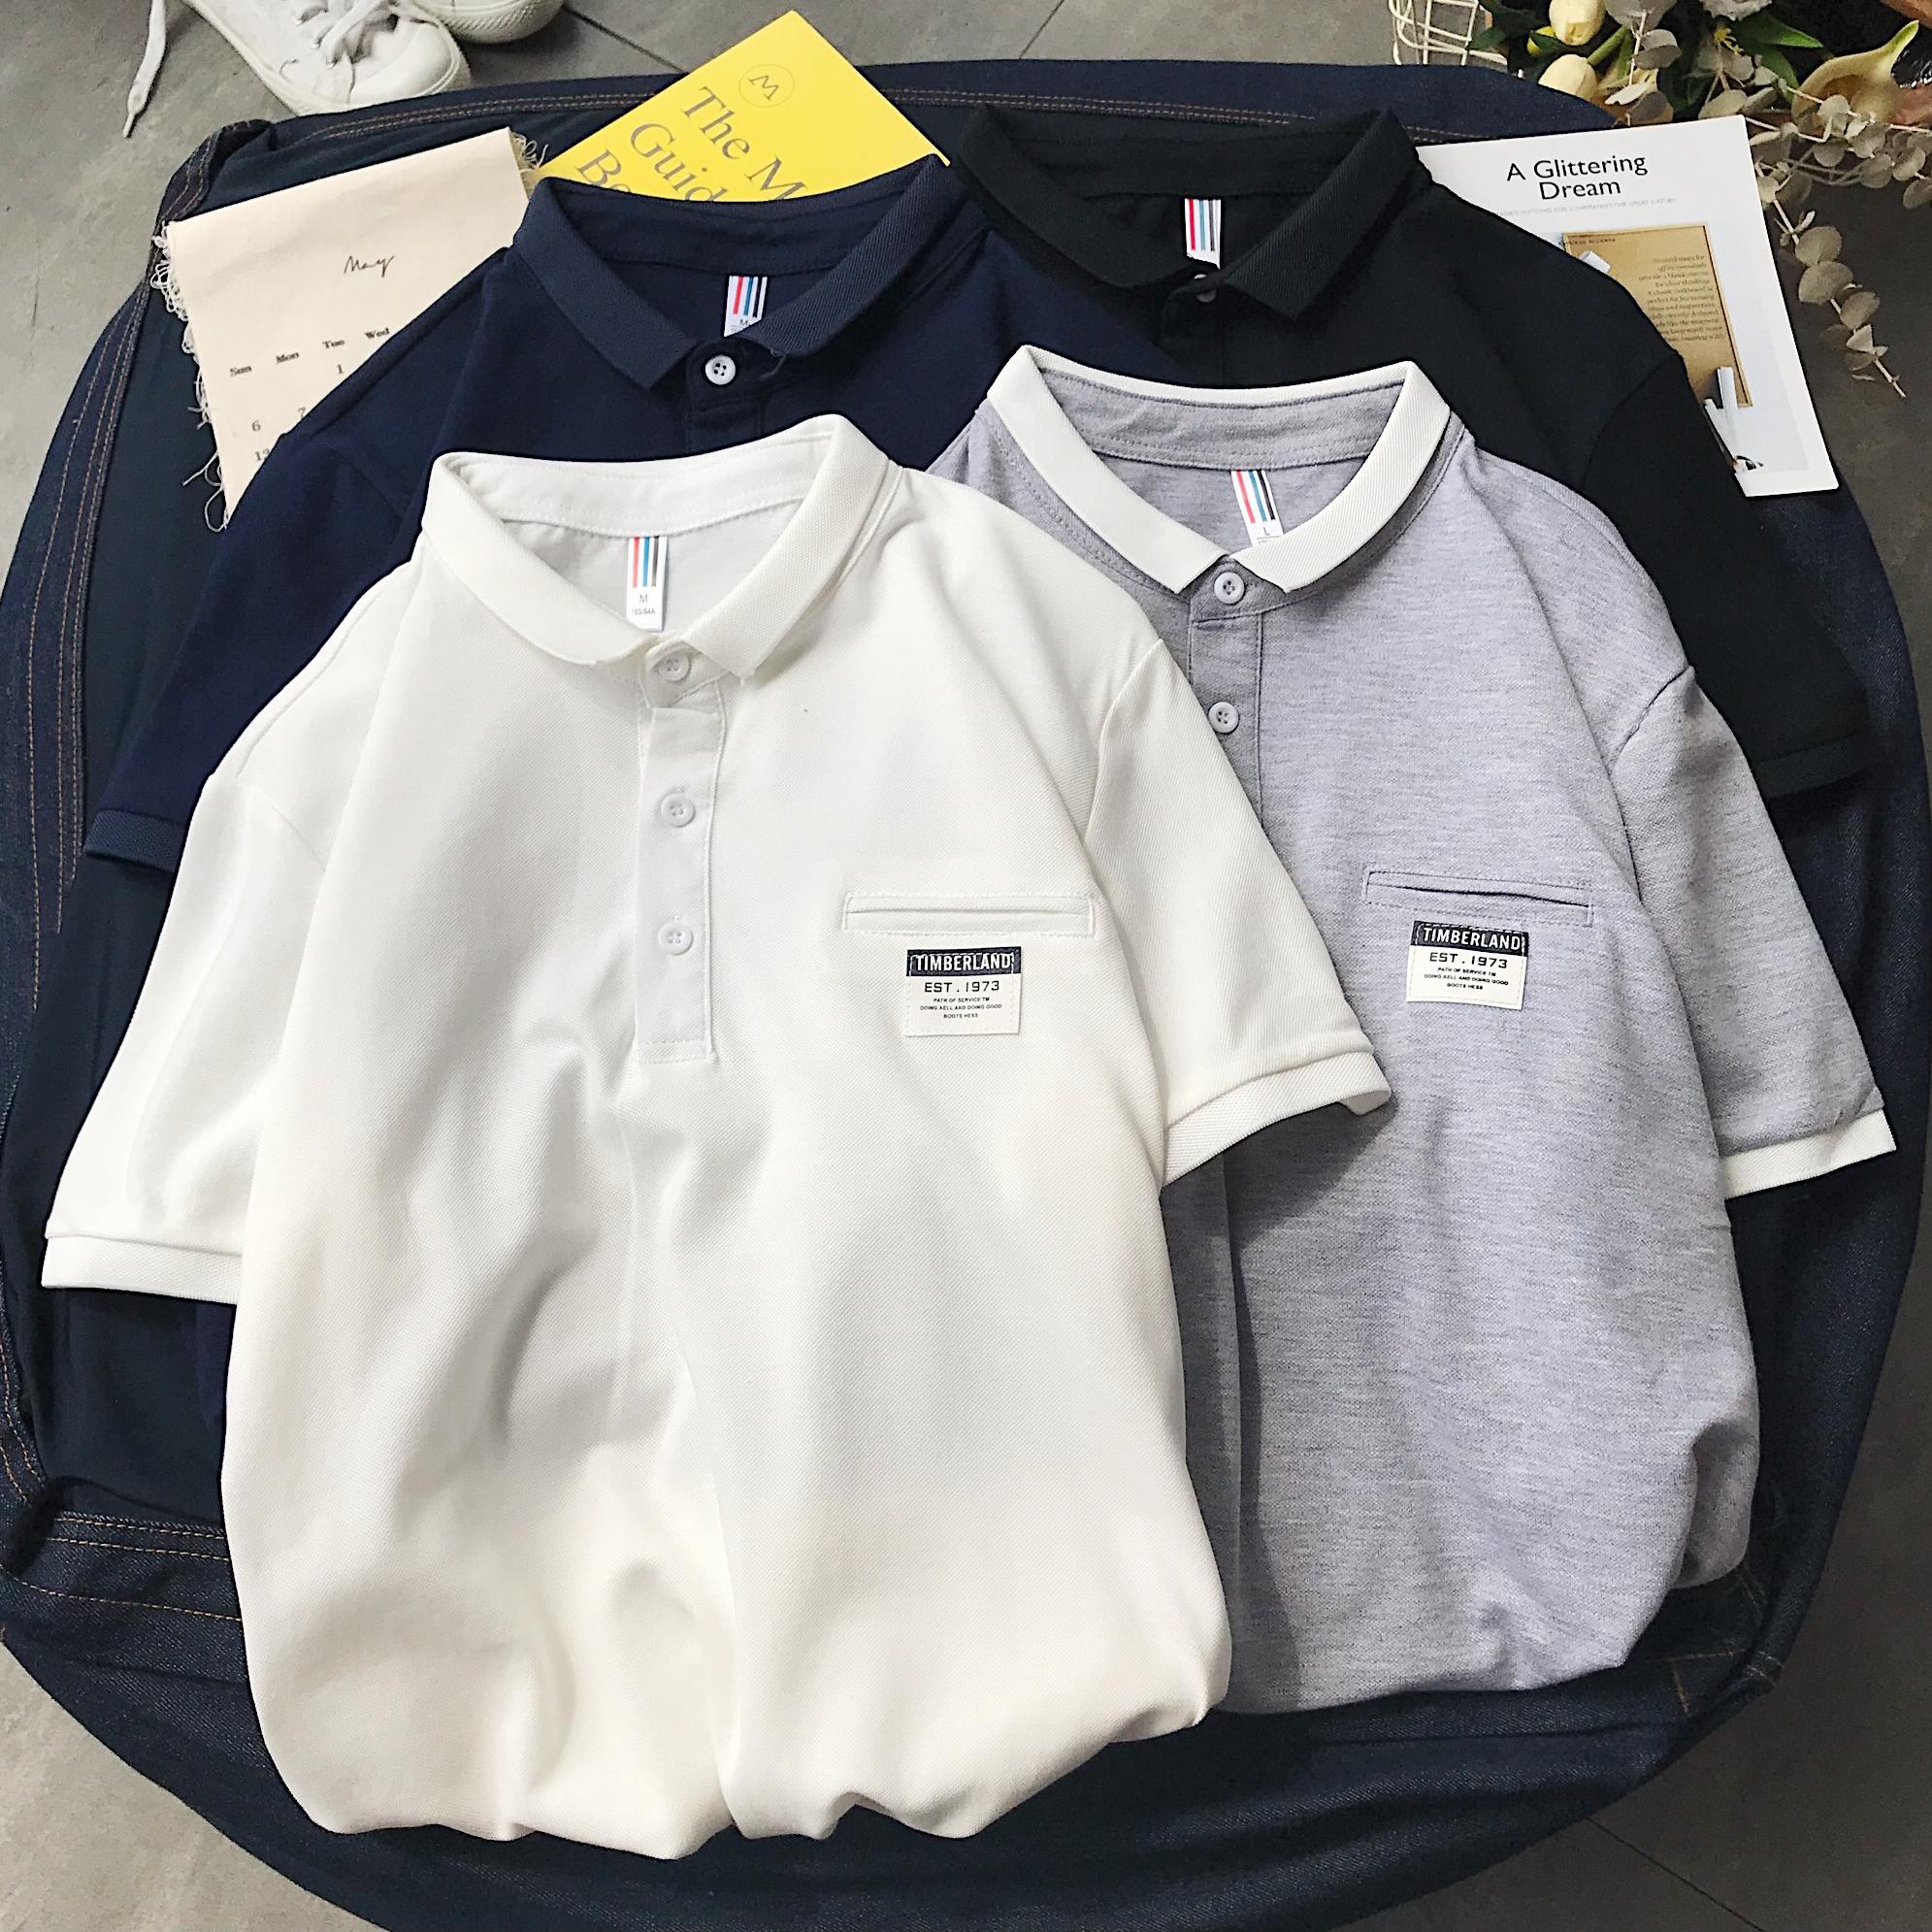 2020夏装新款贴布港风翻领短袖T恤衫polo衫 PL008 p30 5XL加五元